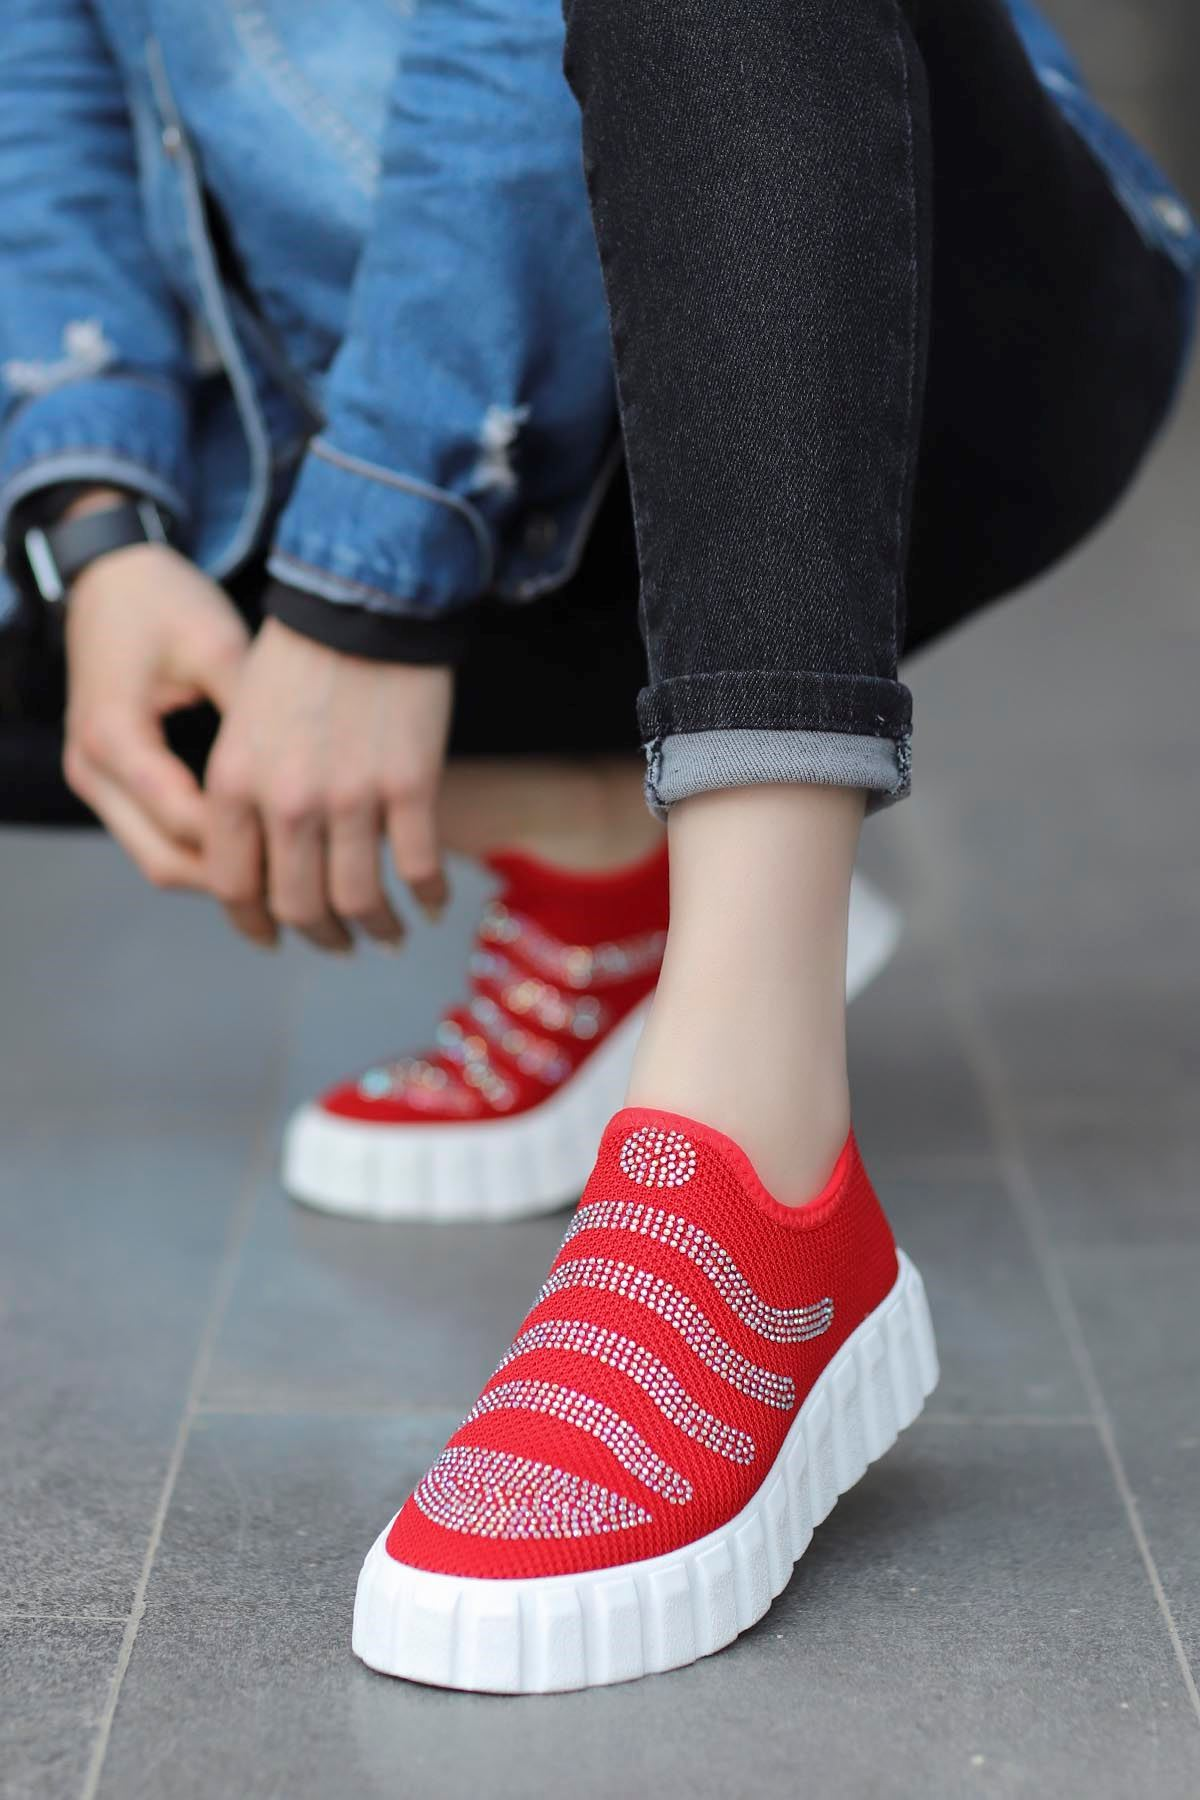 Nairobi Tabanlı Spor Ayakkabı Kırmızı Triko Taşlı